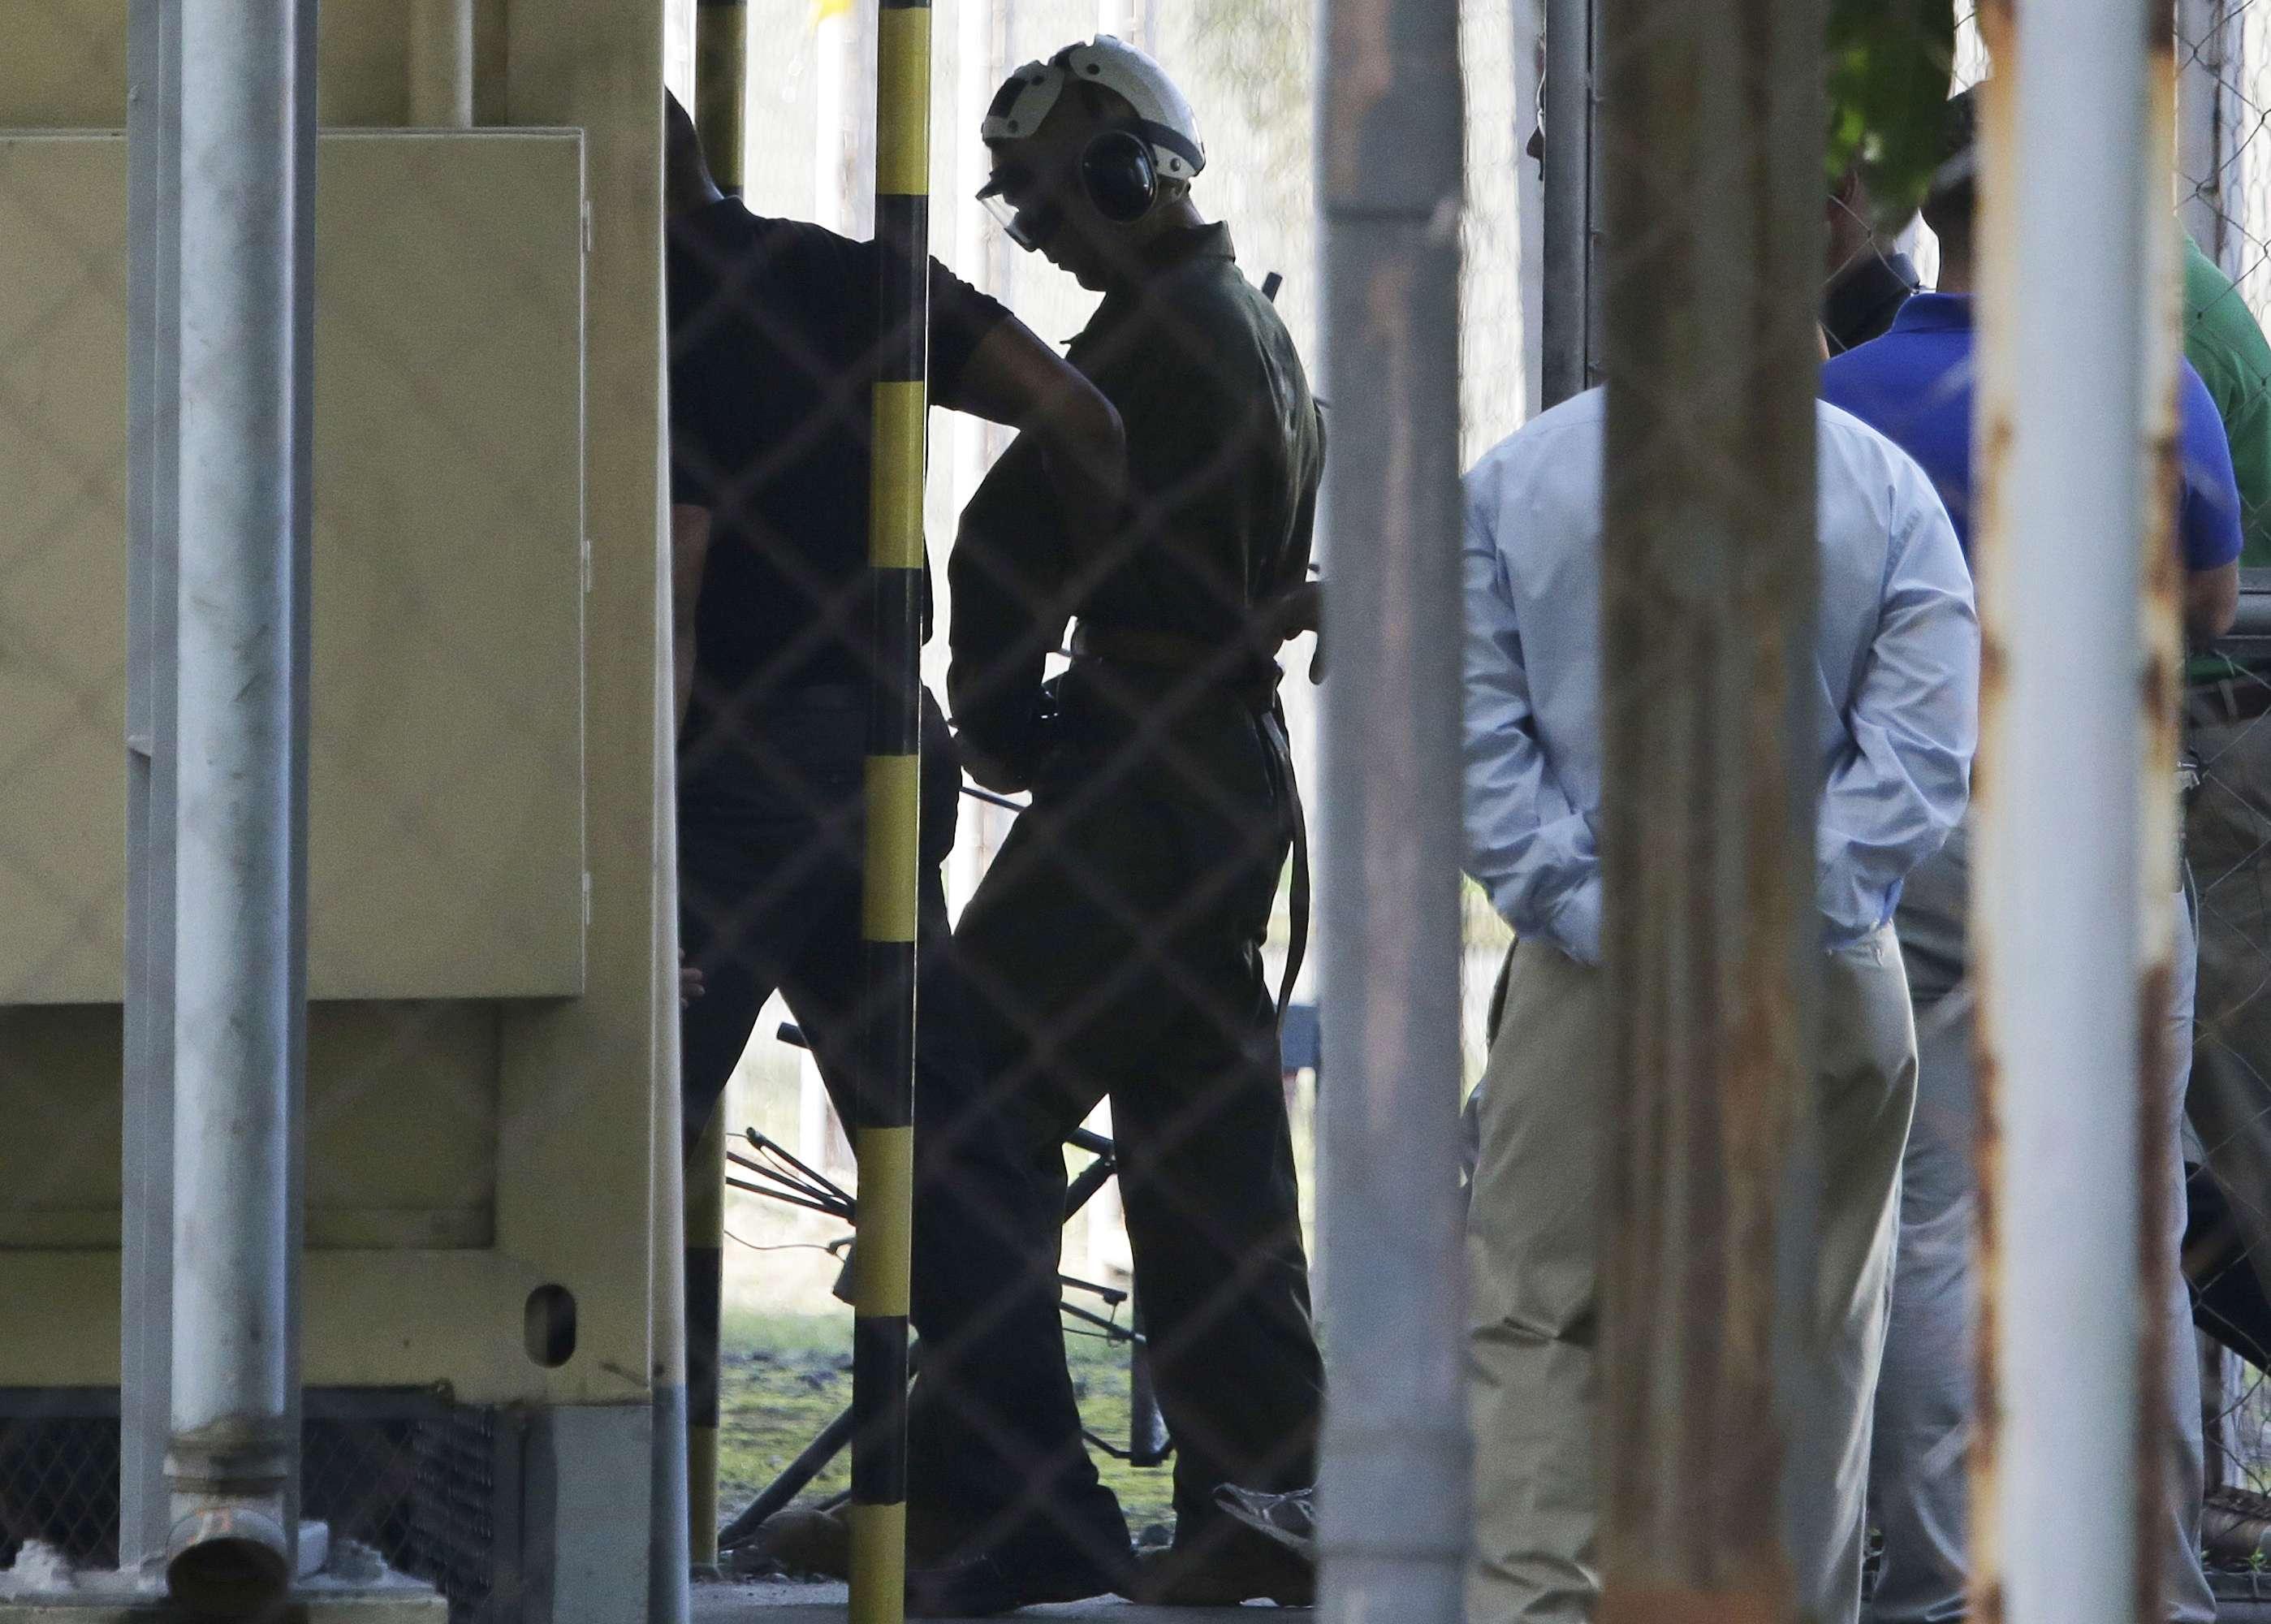 el marine estadounidense Joseph Scott Pemberton, sospechoso del asesinato de una filipina transgénero, es llevado al complejo de detenciones en el cuartel general militar de campo Aguinaldo, en Quezón City, Filipinas. Foto: AP en español